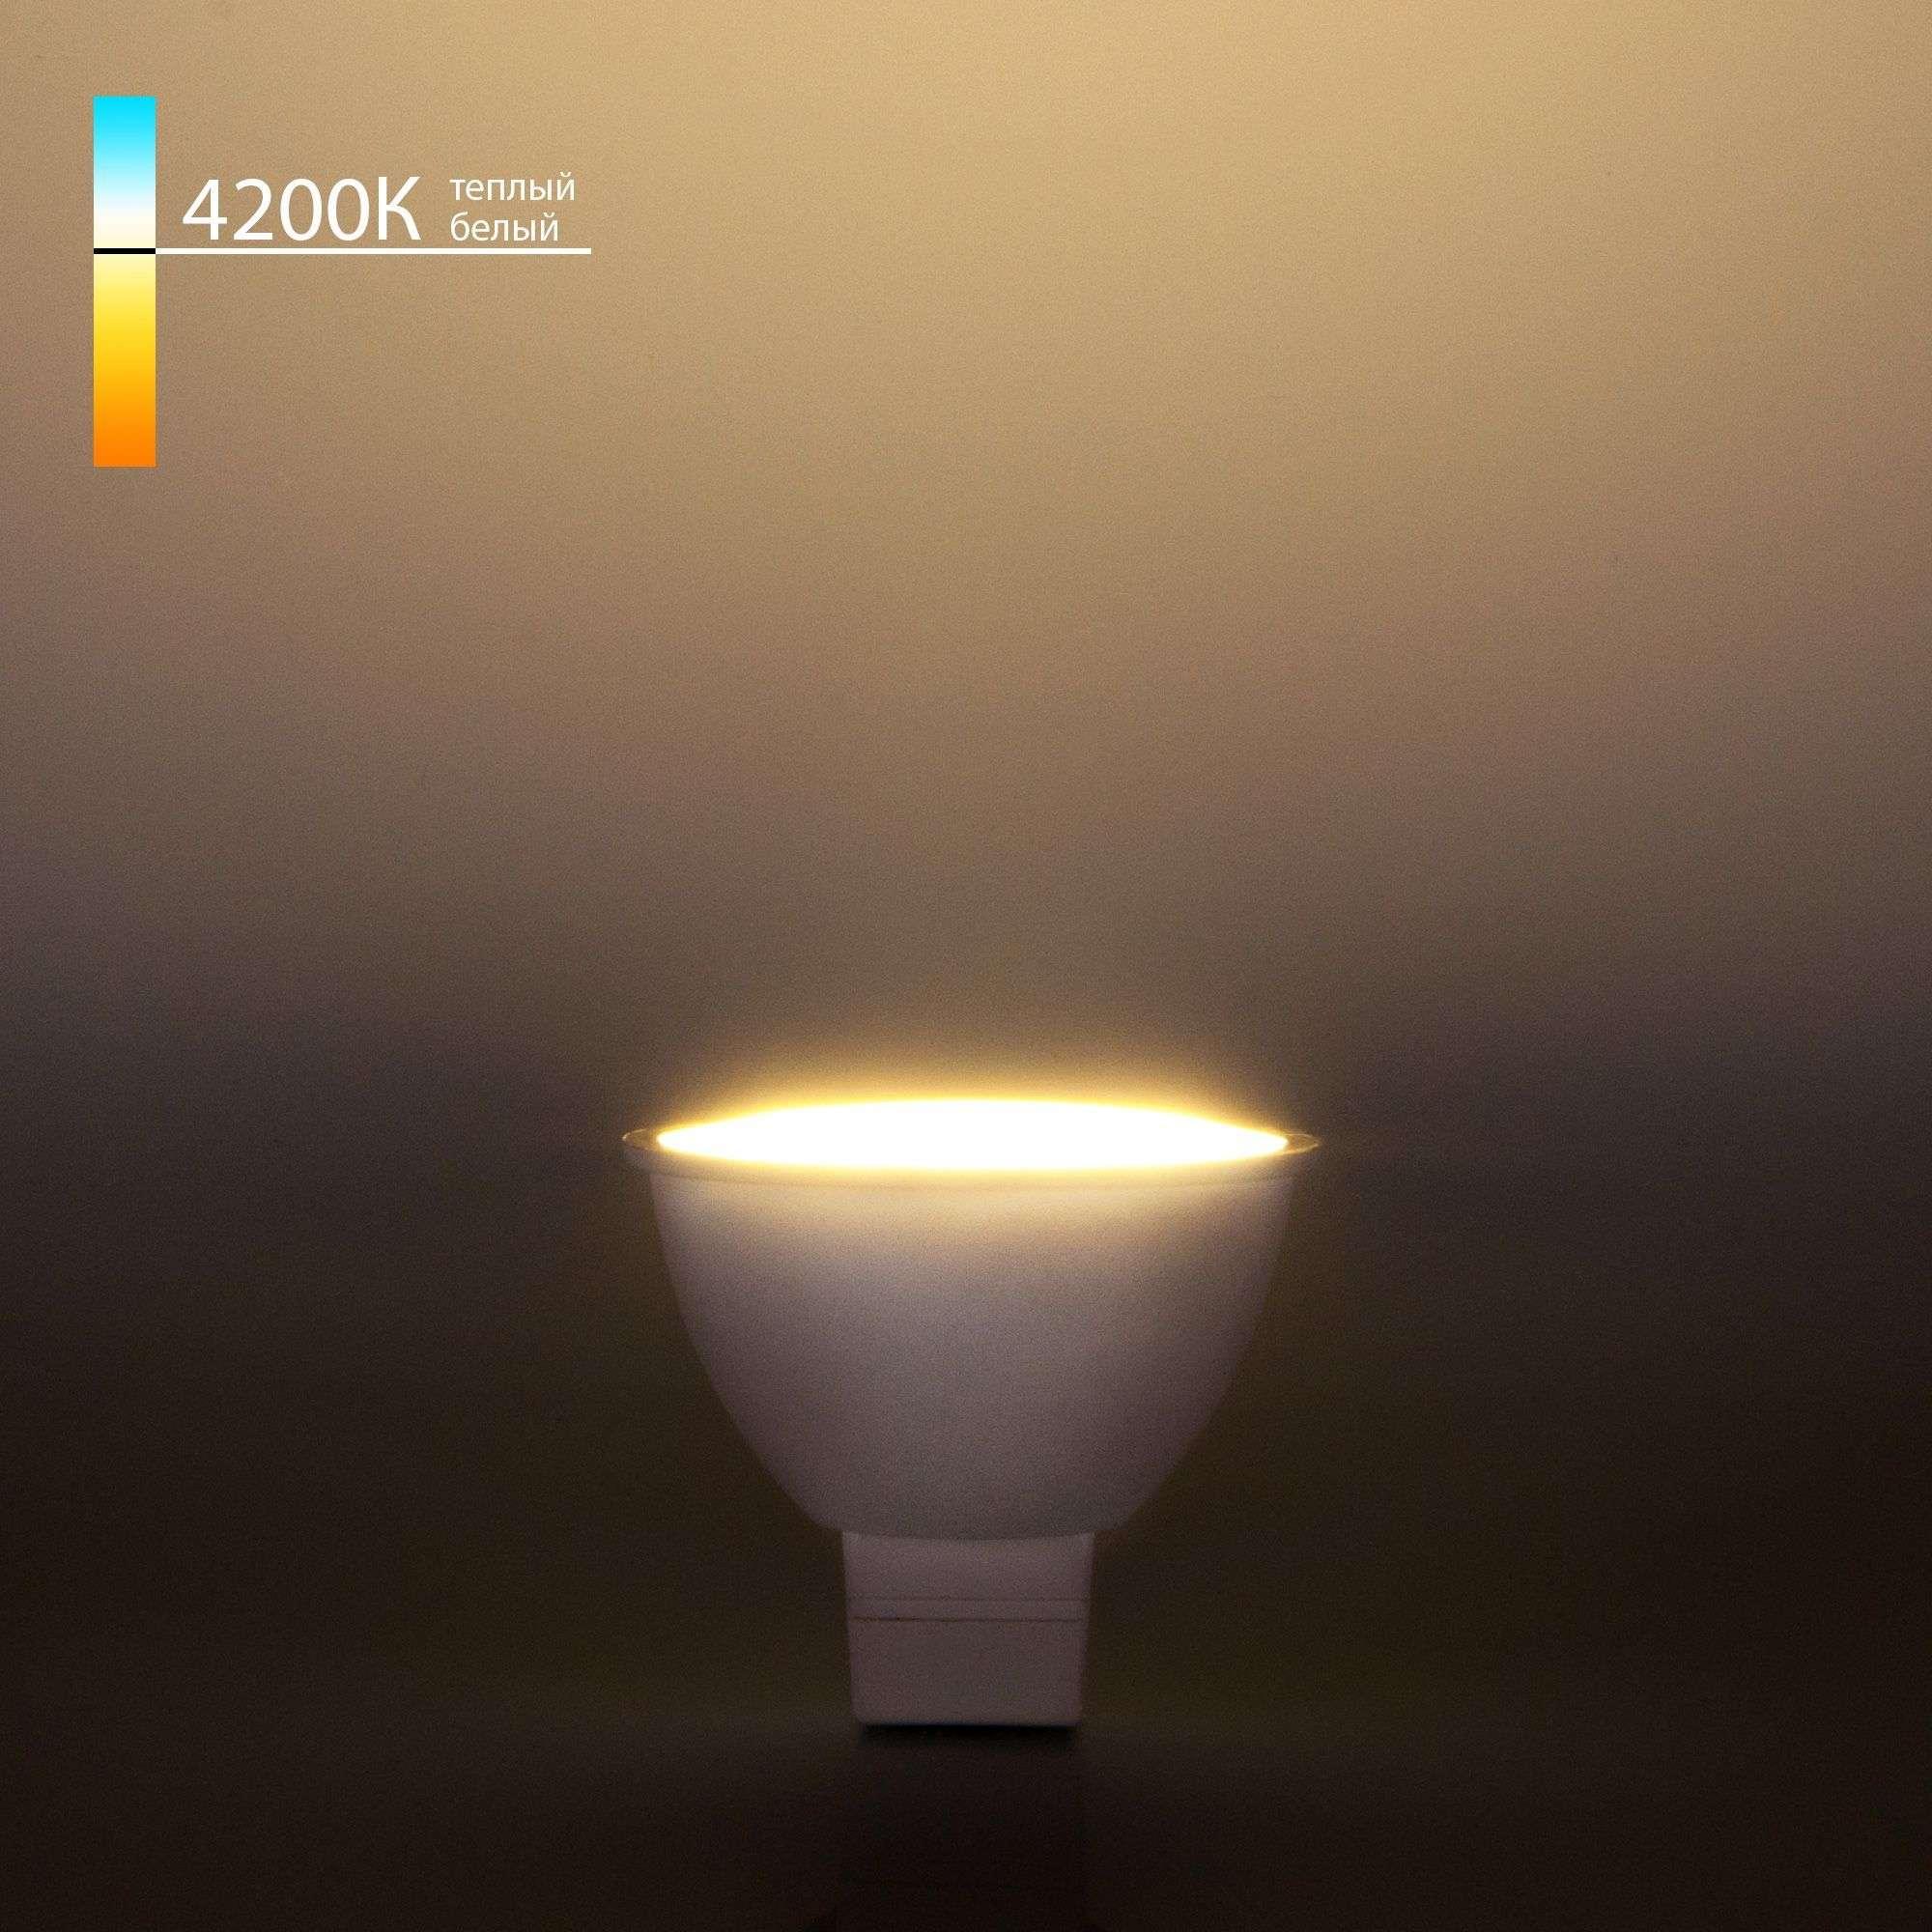 Светодиодная лампа JCDR 9W 4200K G5.3 JCDR01 9W 220V 4200K